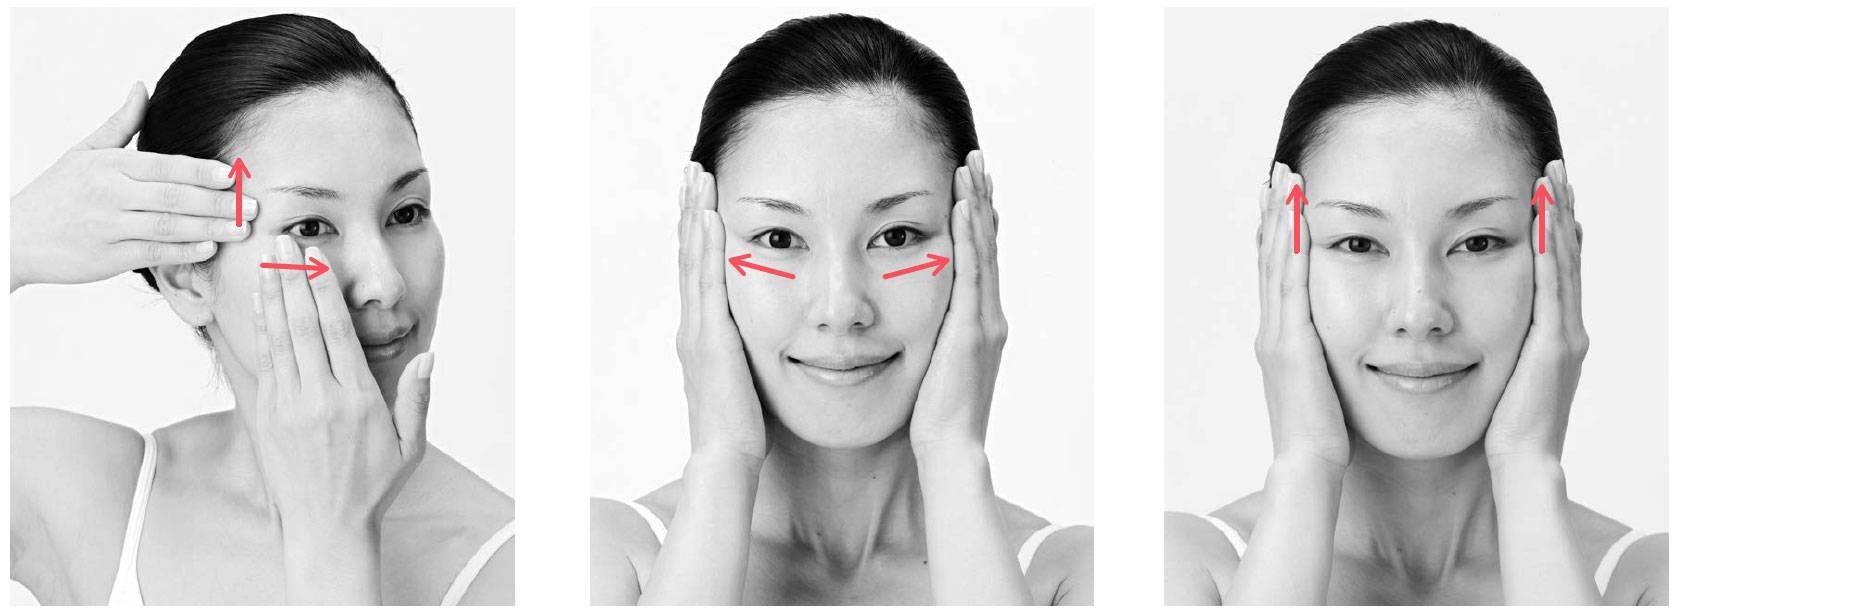 Массаж лица от морщин в домашних условиях поэтапно: лимфодренажный, вакуумный, буккальный, для подтяжки овала, скульптурирующий, подтягивающий